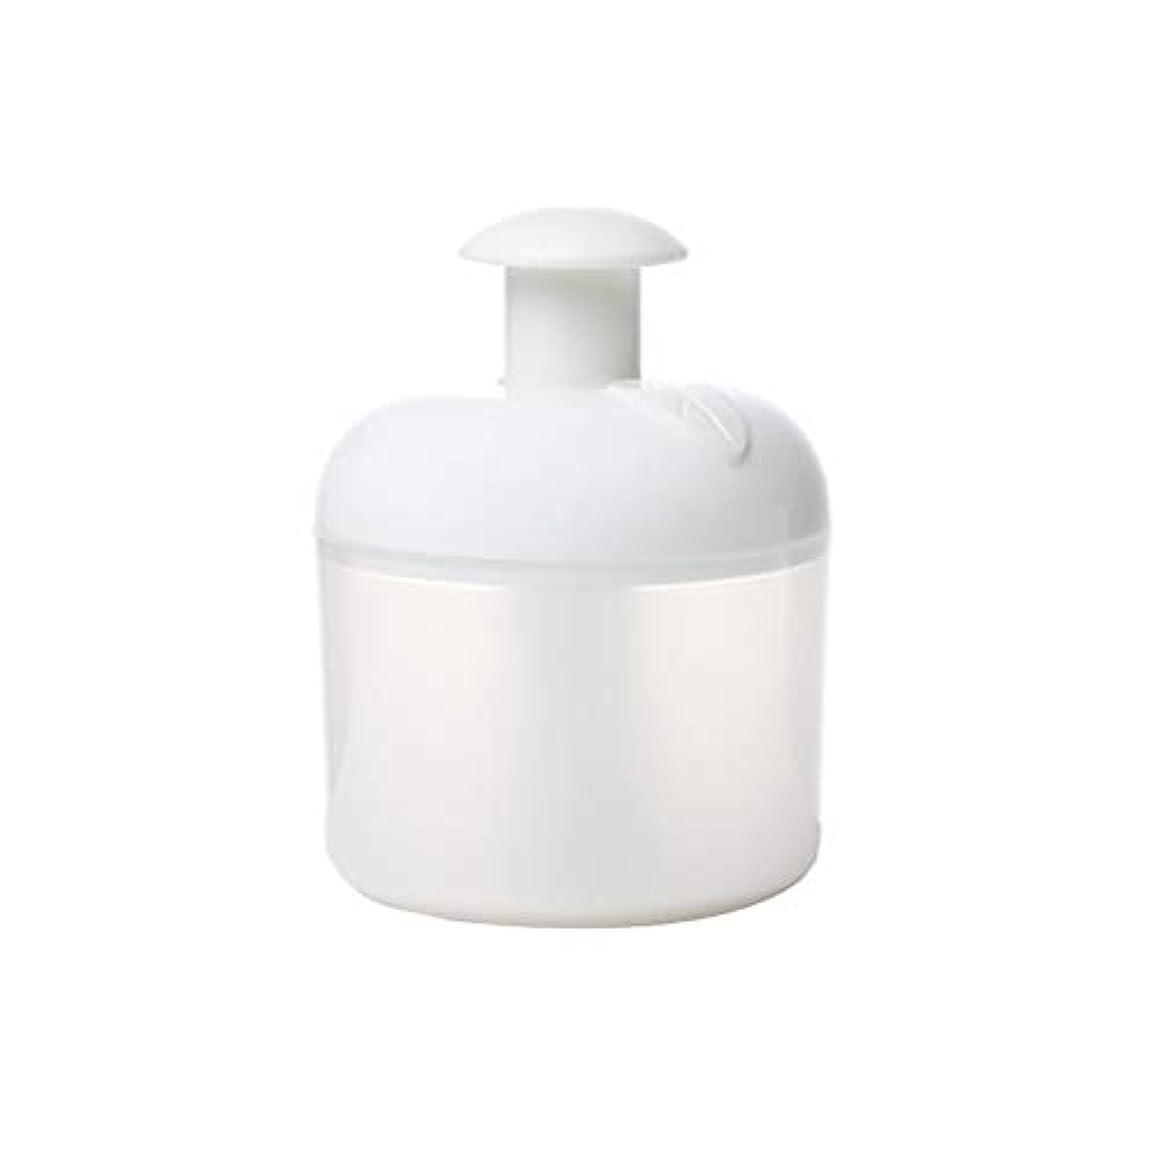 天の急ぐ配管工Lurrose 洗顔泡立て器フェイスクレンザーバブルメーカー用フェイスウォッシュスキンケアトラベル家庭用(ホワイト)